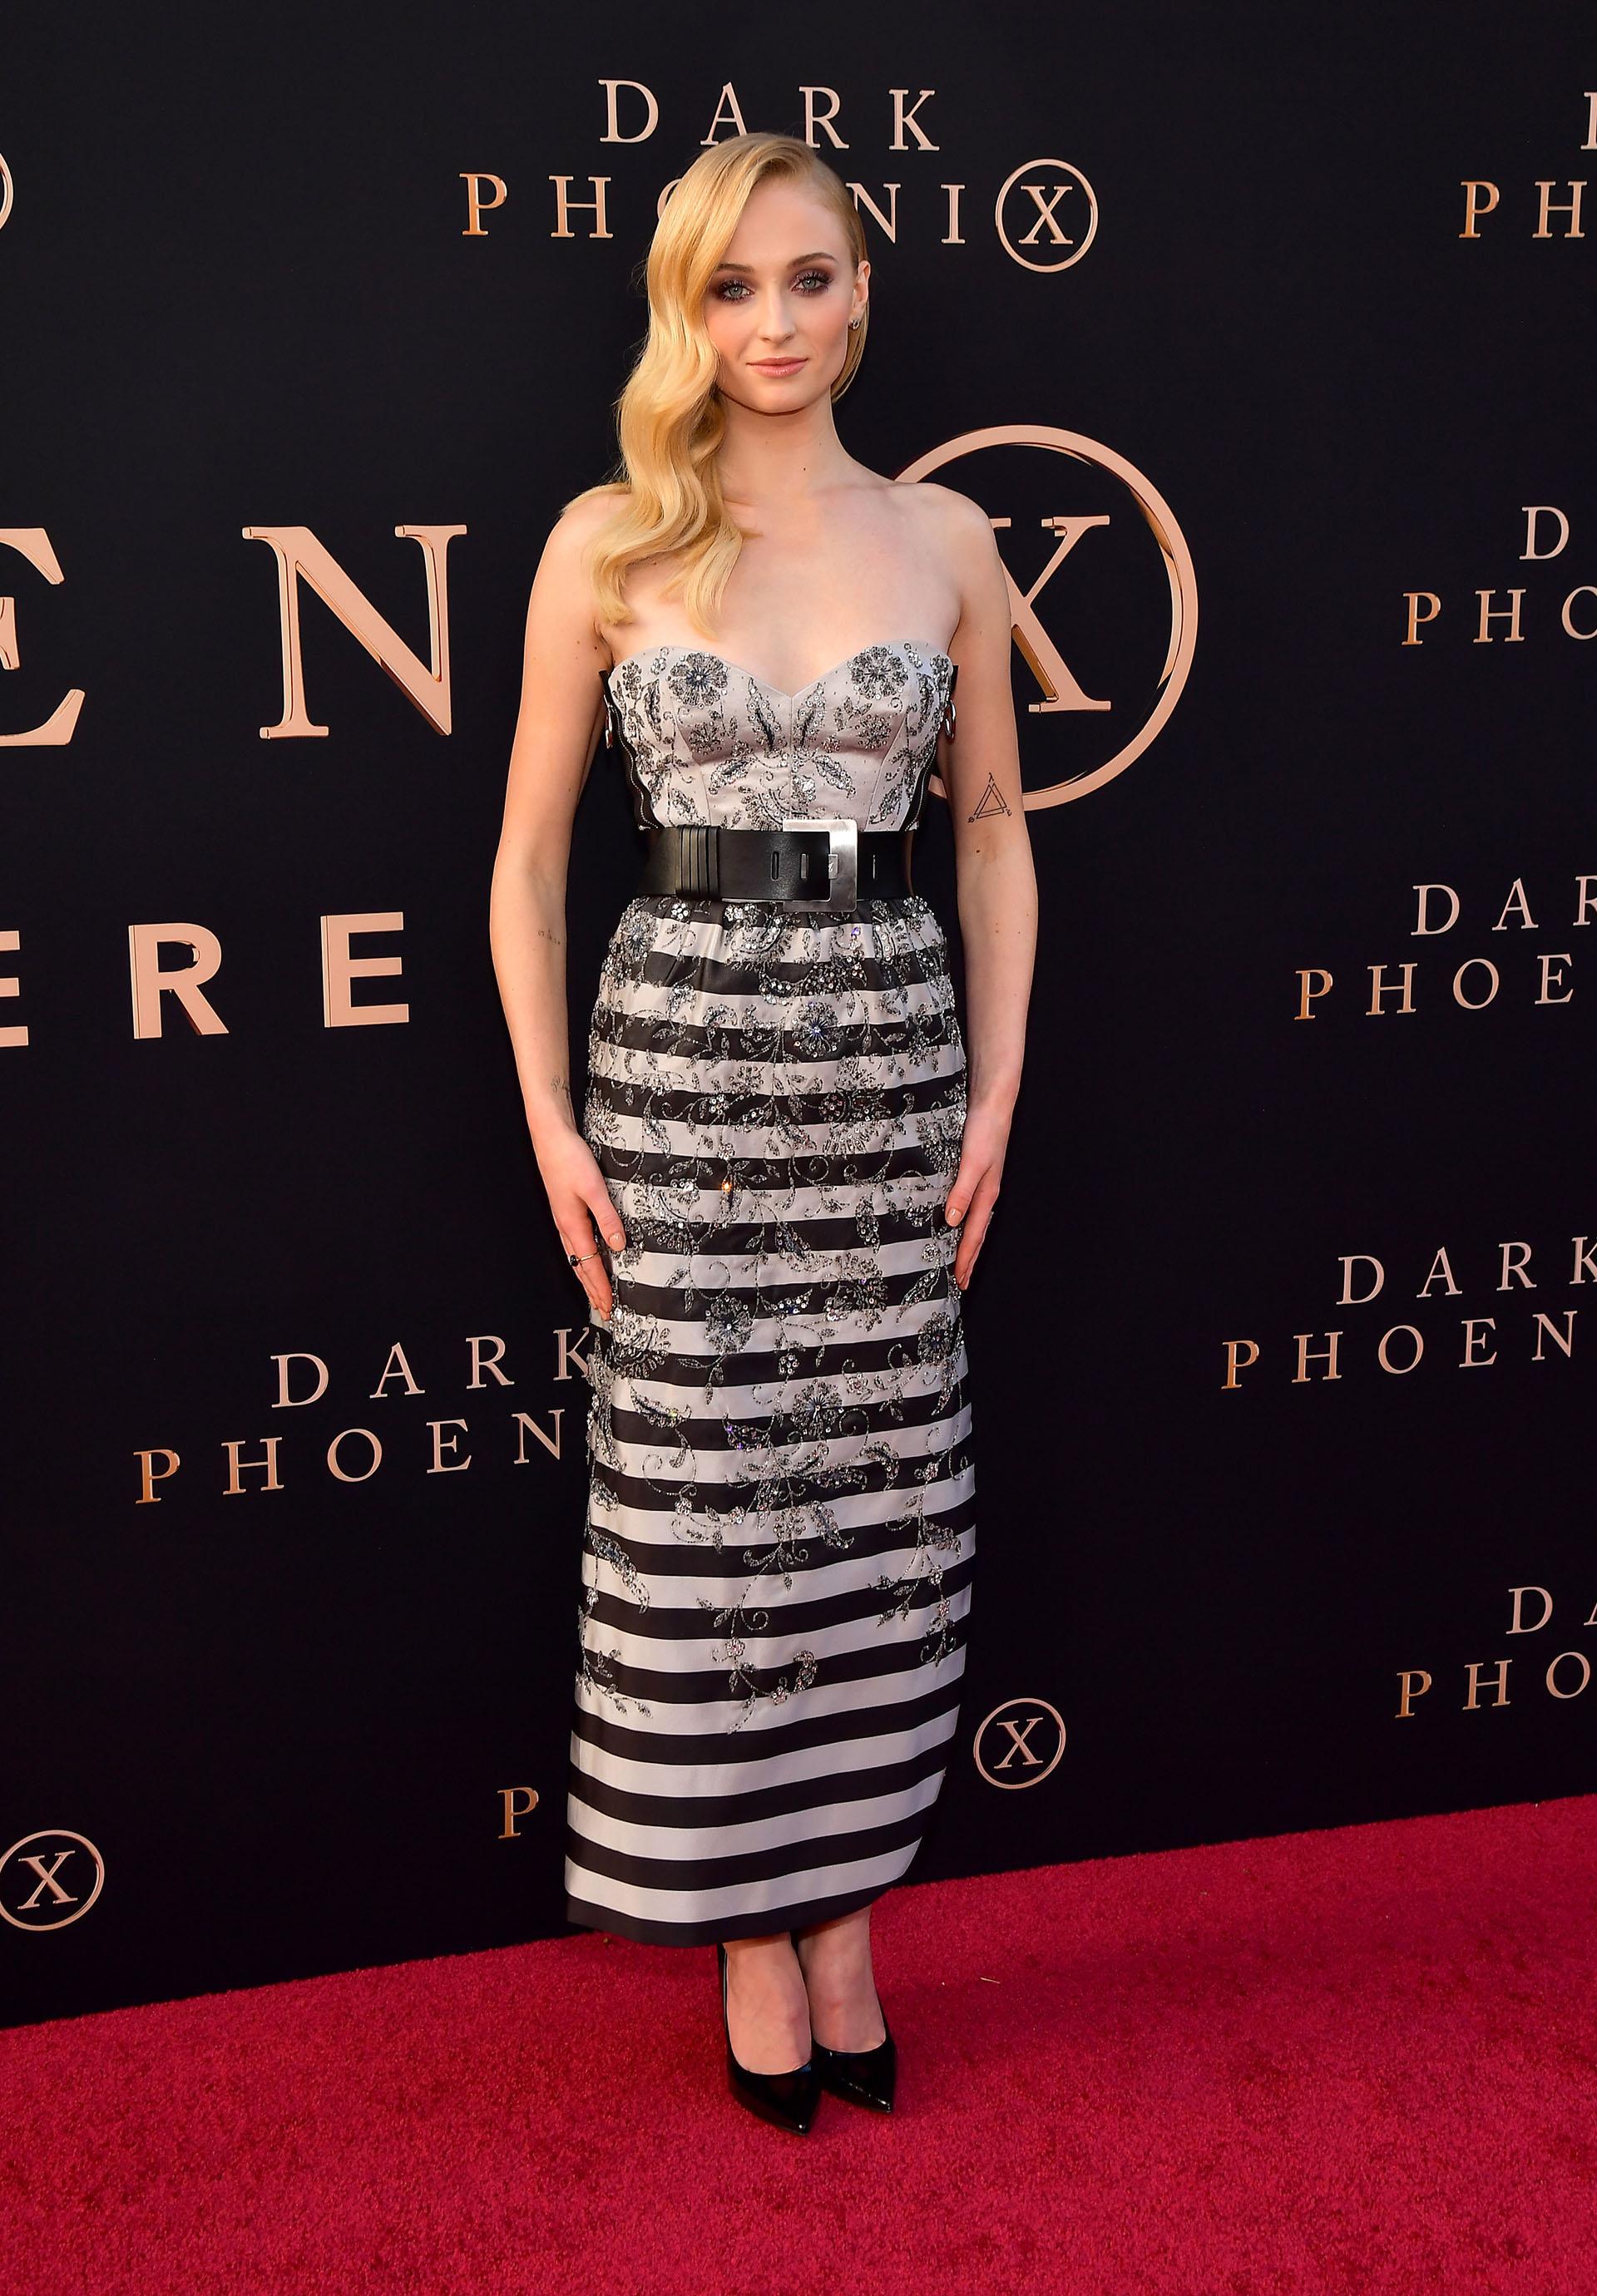 Sophie Turner eligió un vestido blanco y negro con rayas, bordados y corset